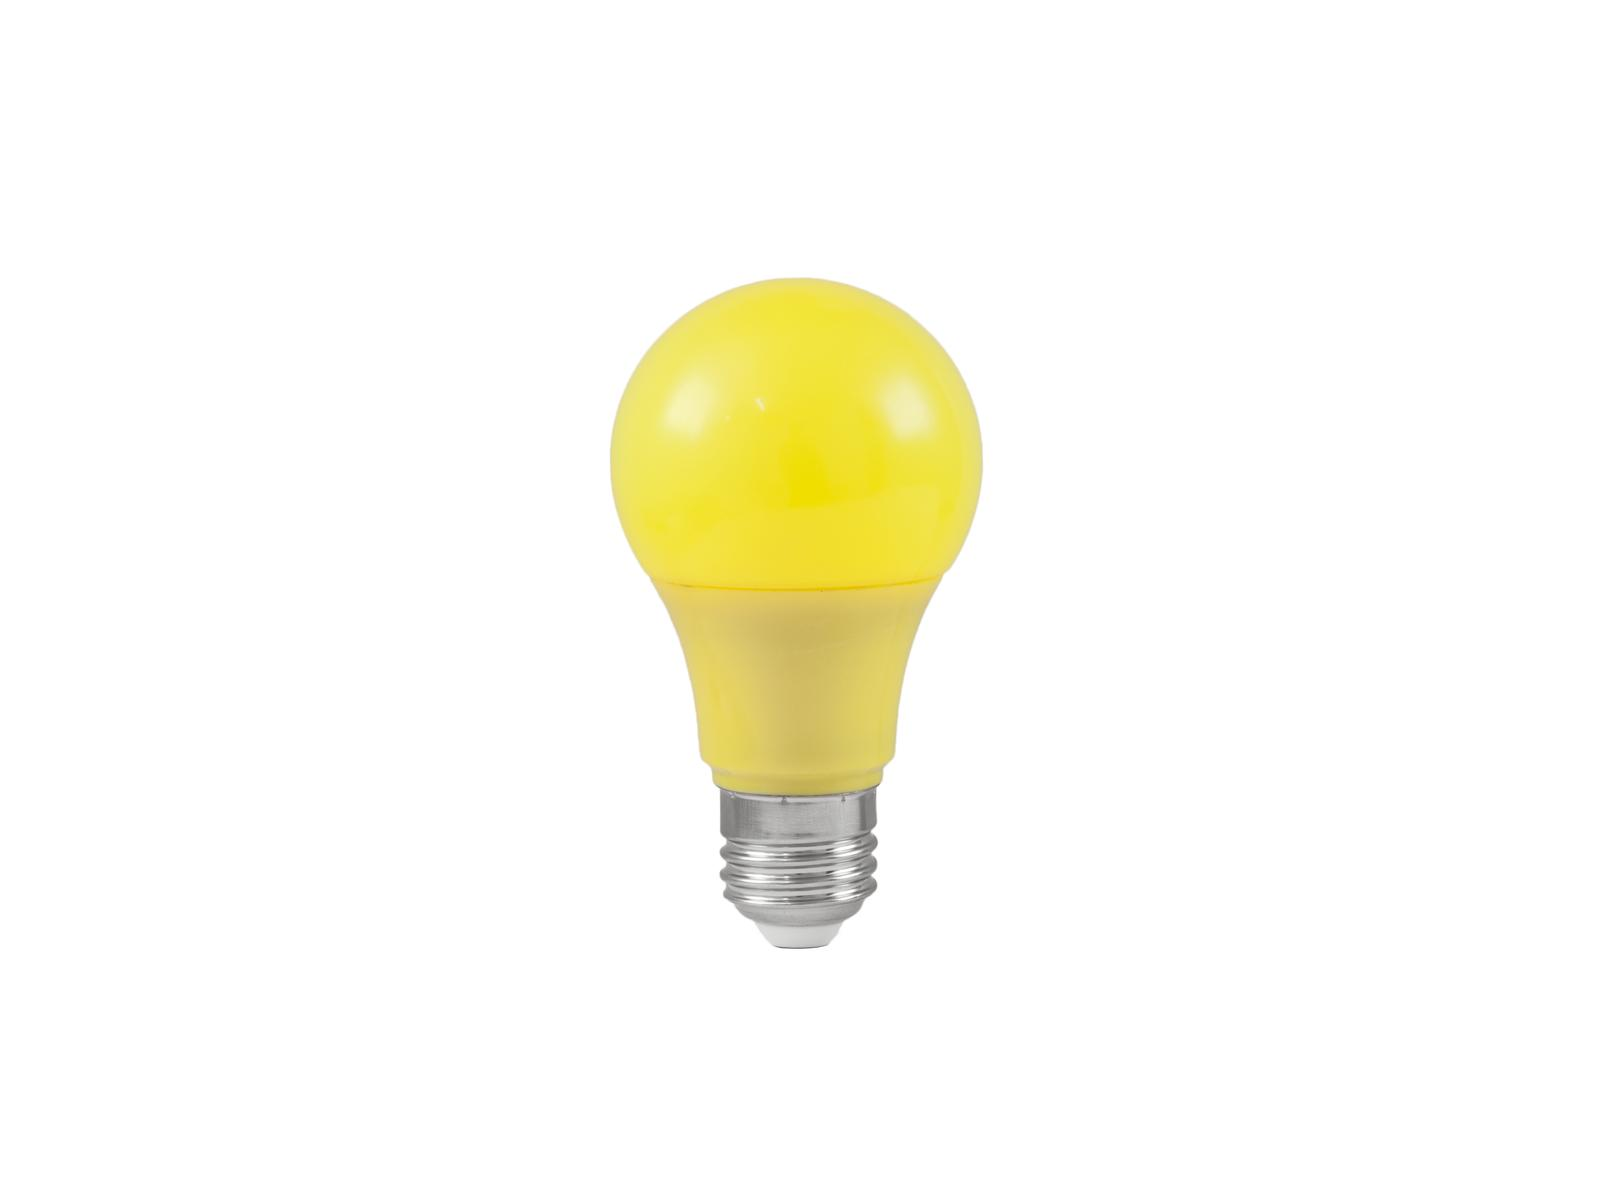 Lampada a led gialla A60 230V 3W E-27 g OMNILUX